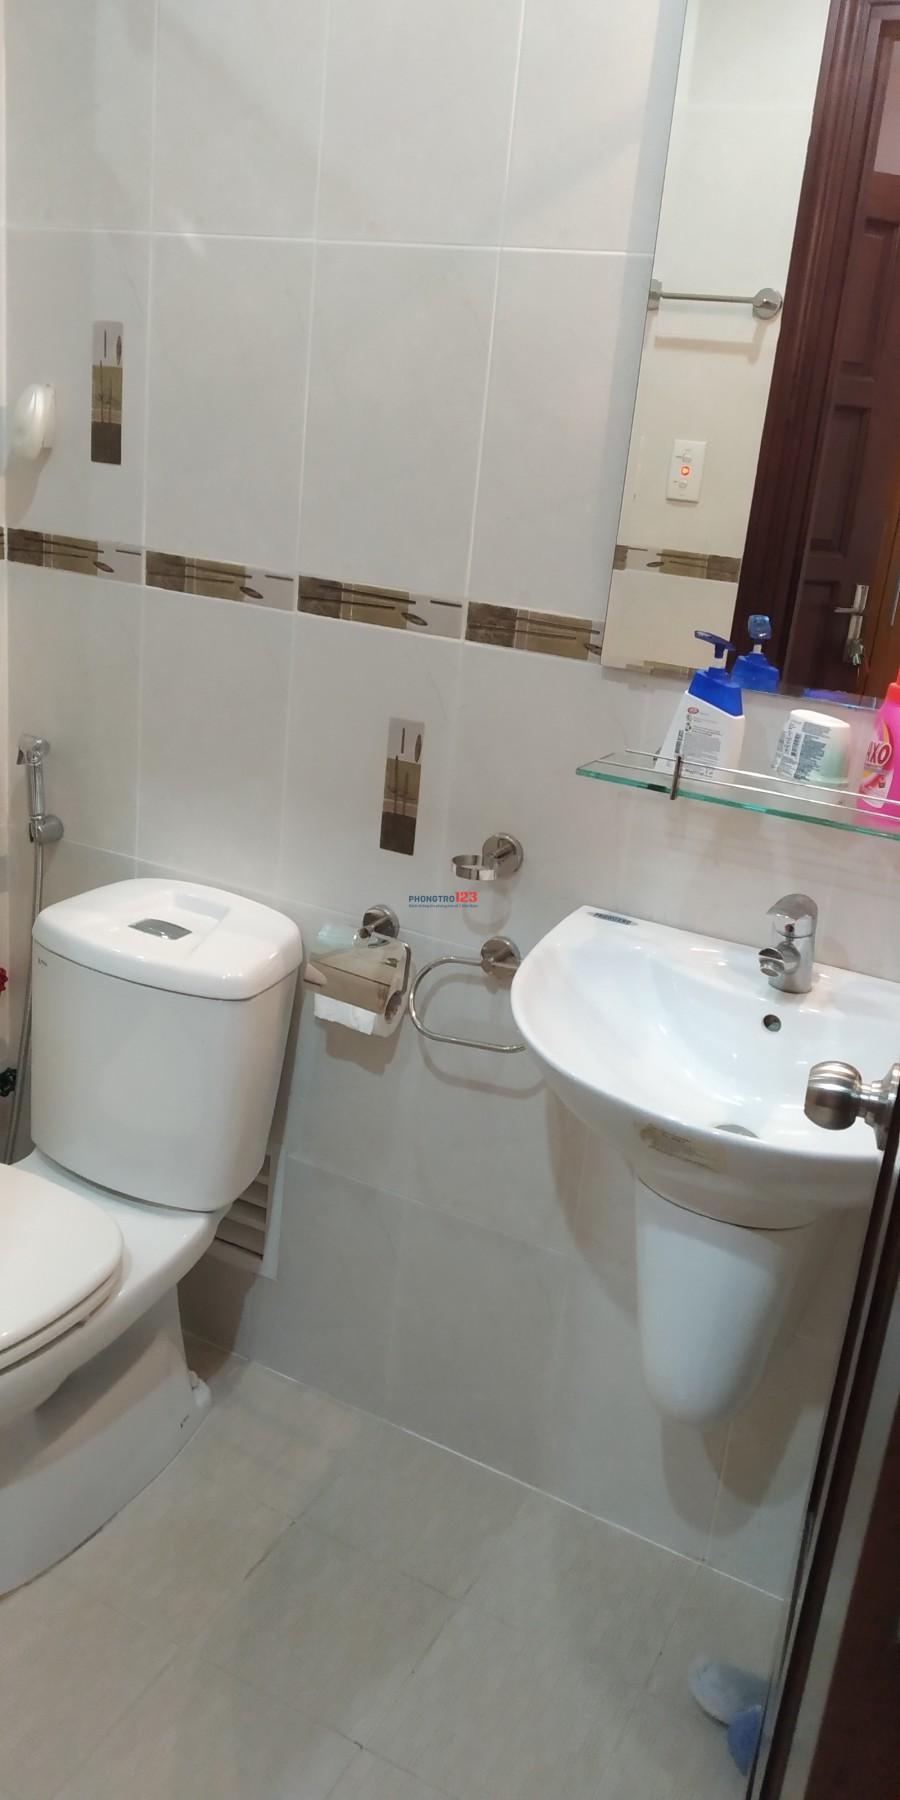 CĂN HỘ MiNi FULL Nội Thất 1 Phòng Ngủ,1 Phòng Khách, phòng Bếp, phòng tắm,Ngay Đường Trần Não Q2